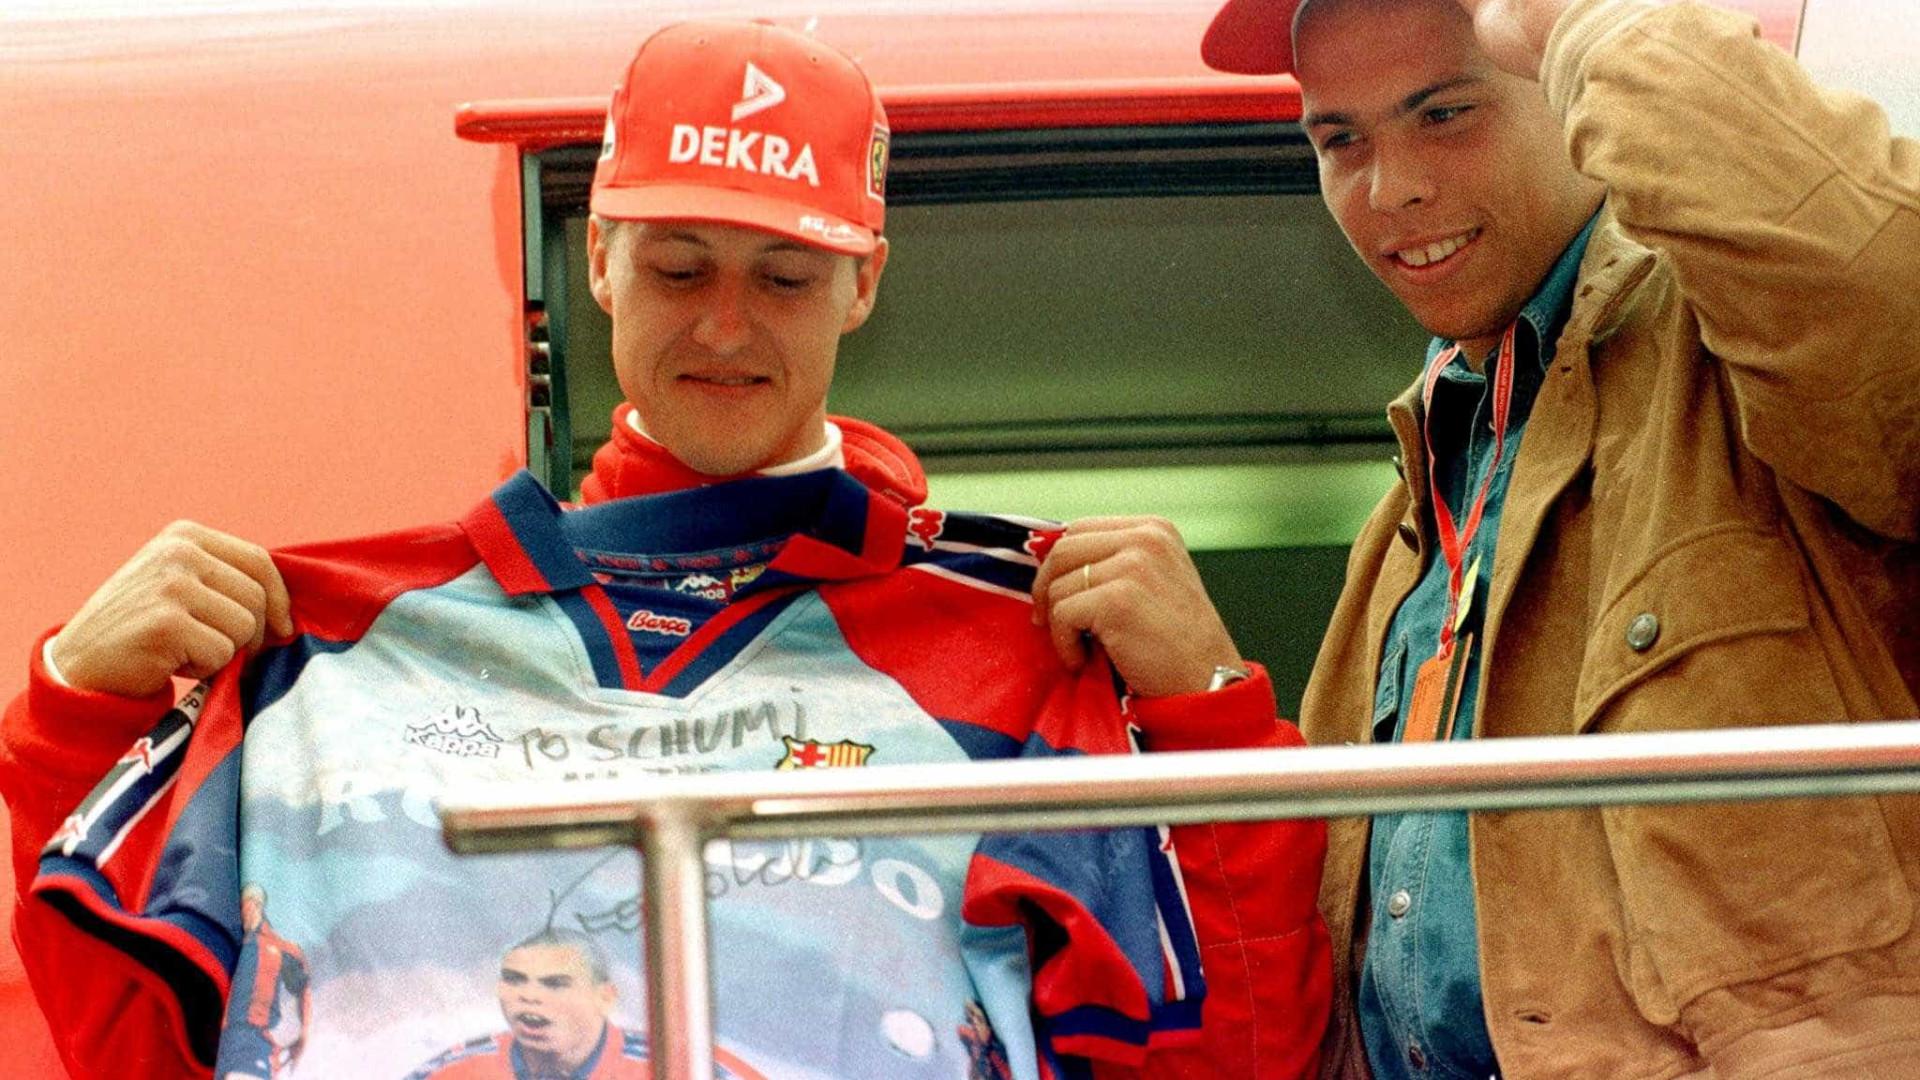 Há 25 anos, Schumacher estreava na F1; relembre momentos marcantes